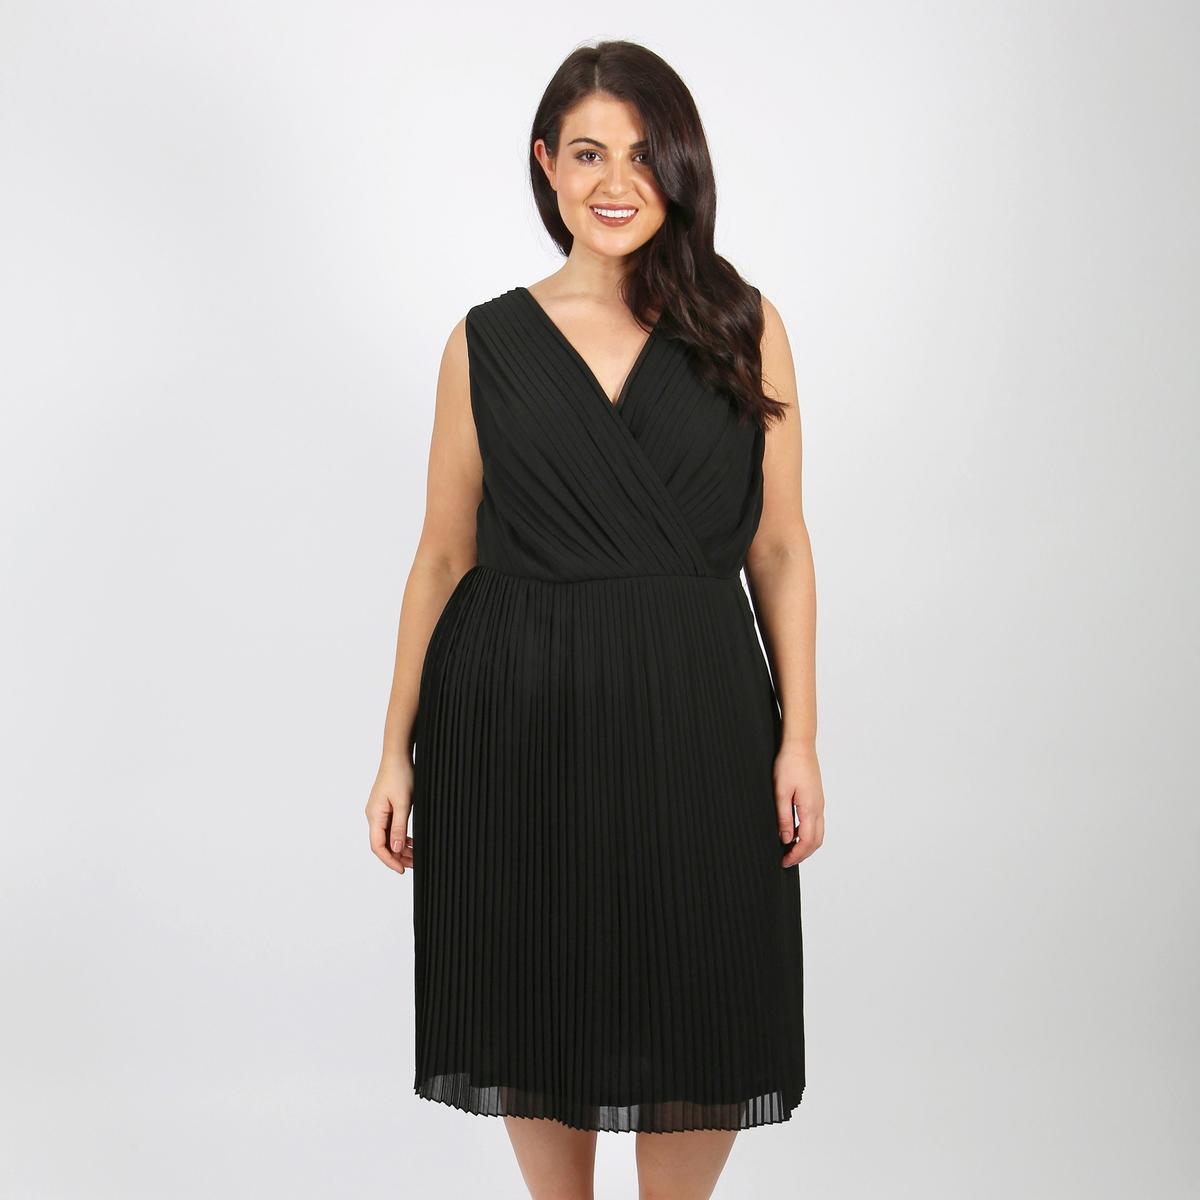 Sukienka rozkloszowana, półdługa, bez rękawów, gładka